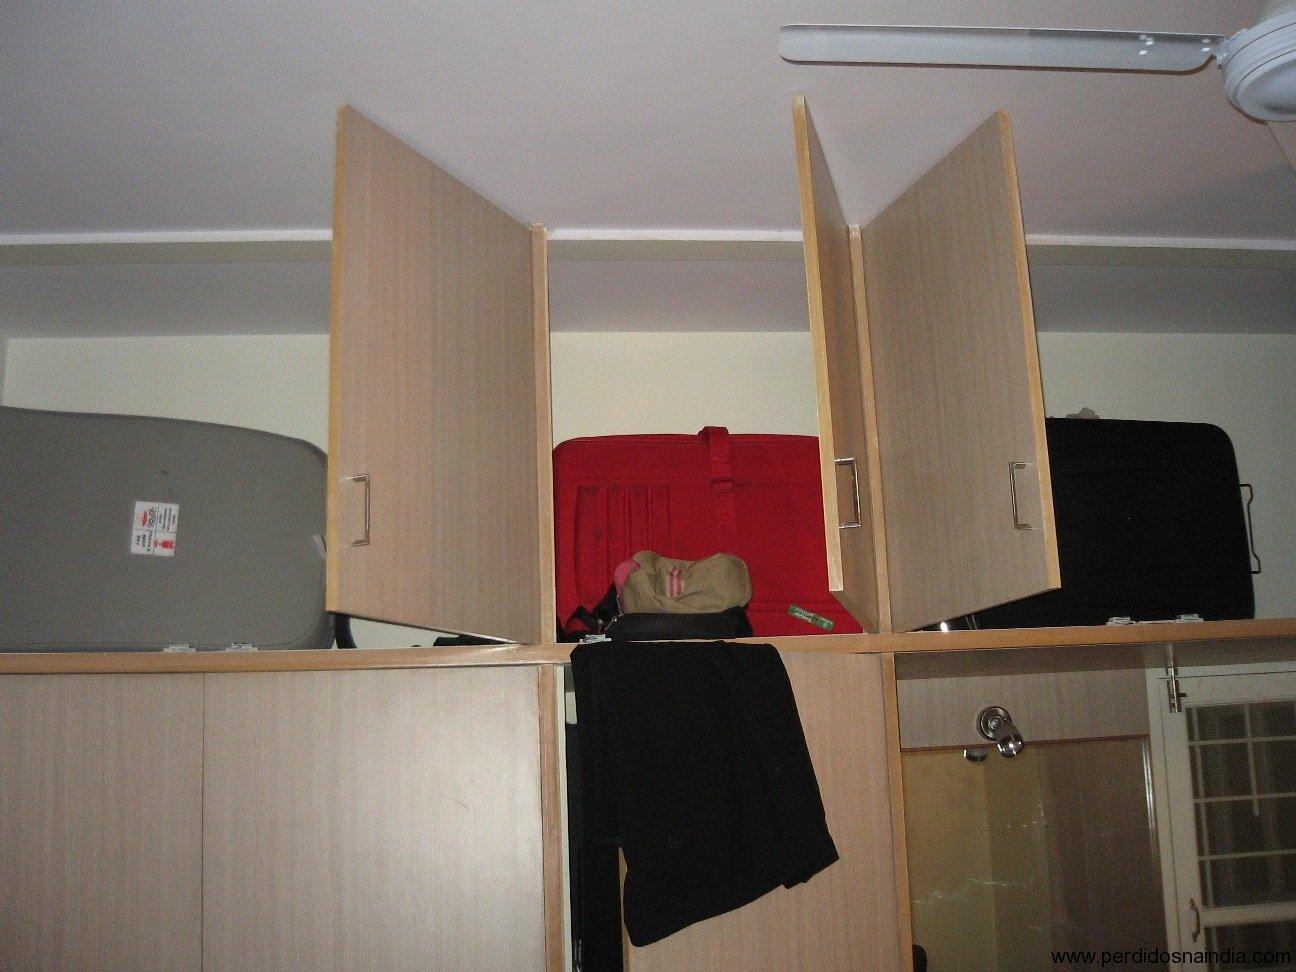 Todas as malas cabem a parte de cima do armário!